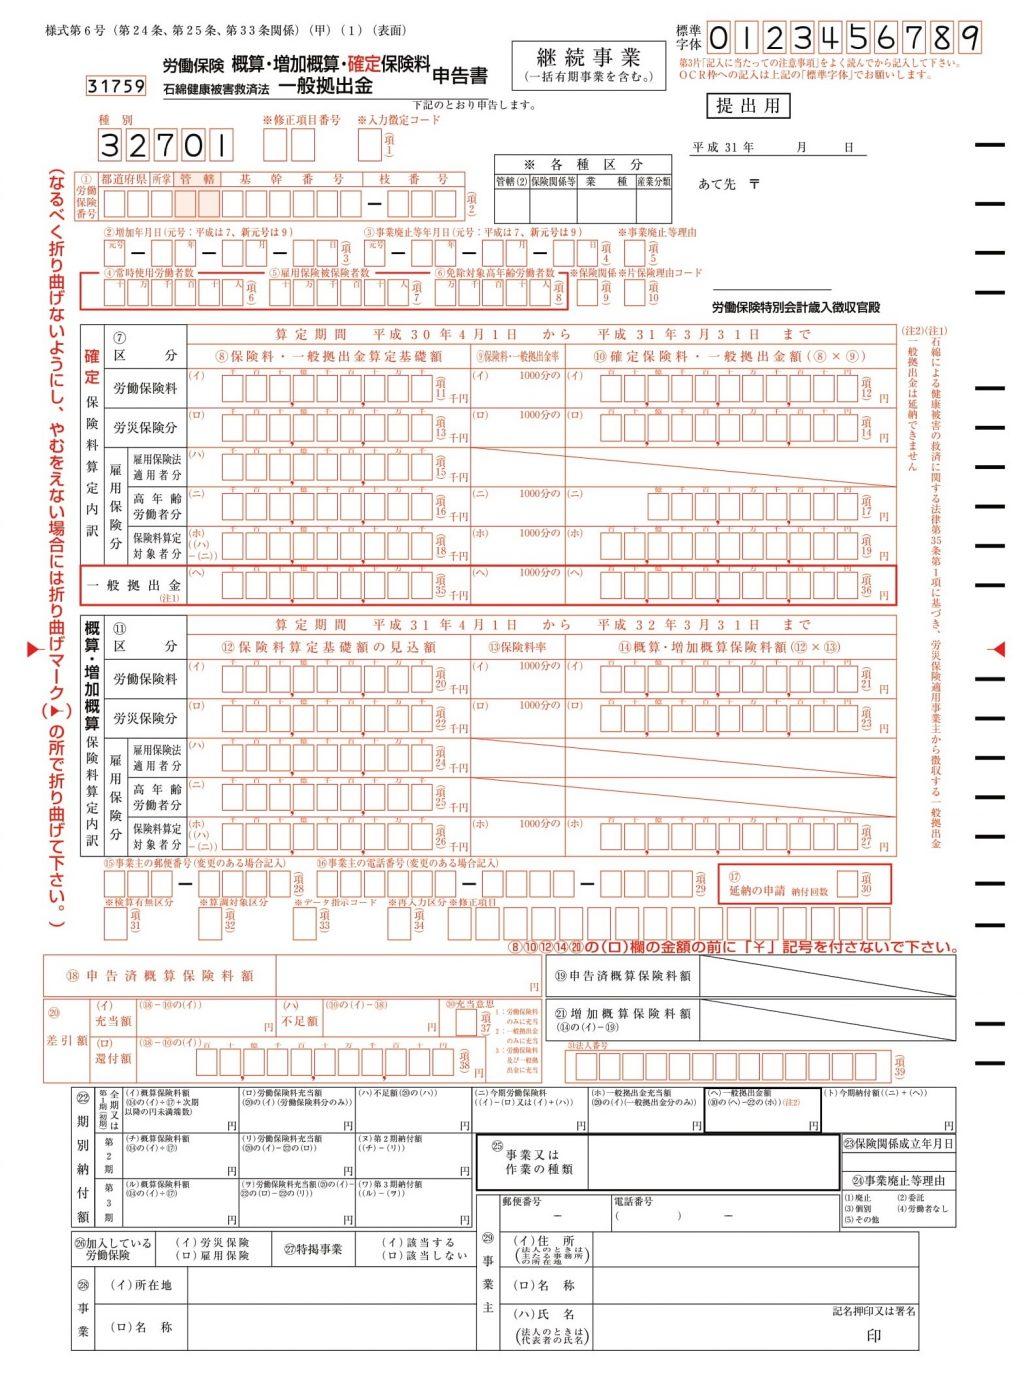 雇用 保険 適用 事業 所 情報 提供 請求 書